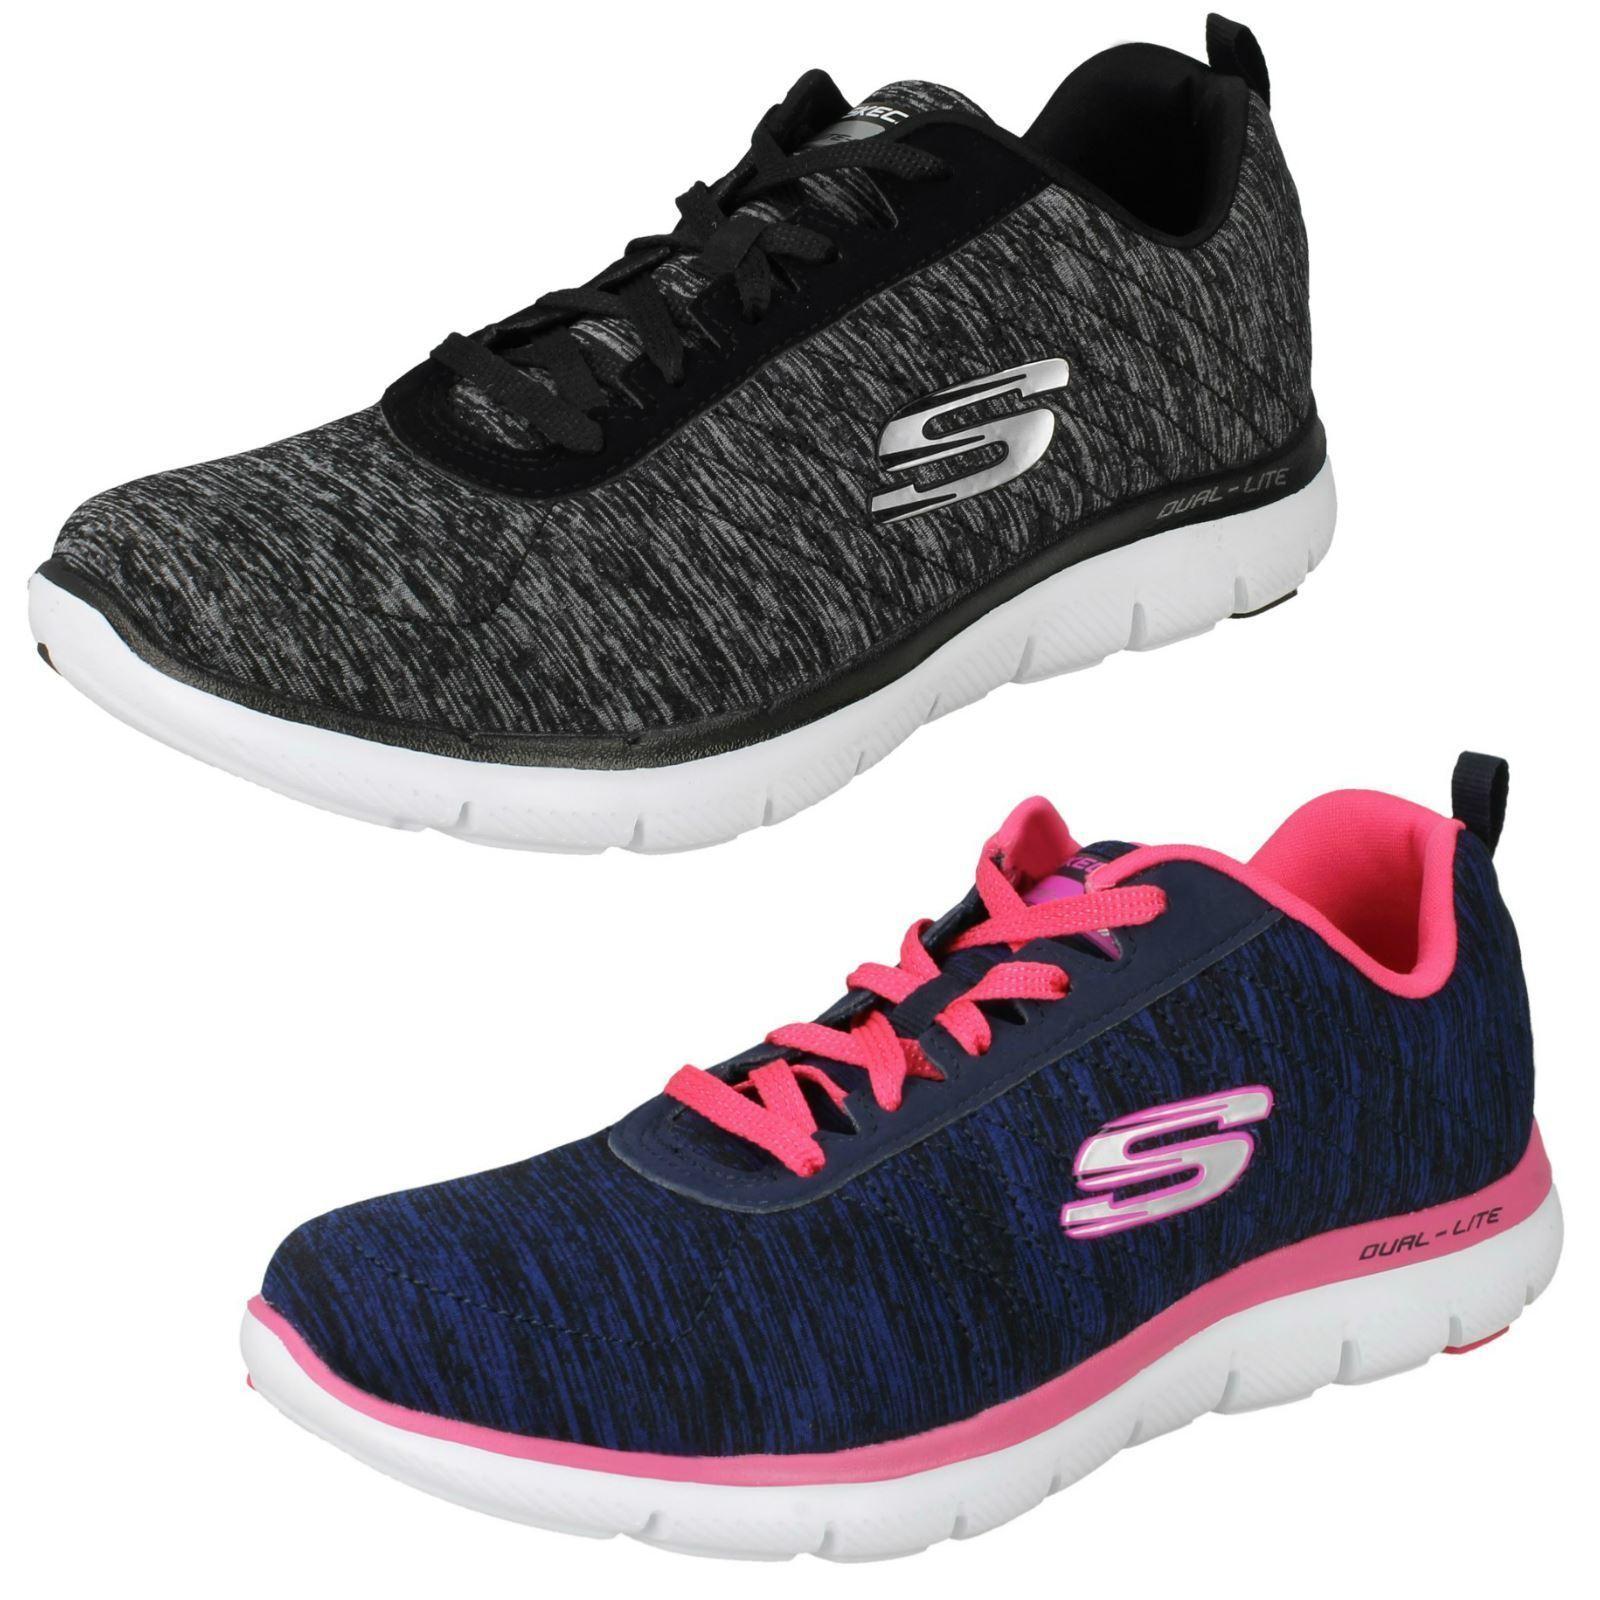 Señoras Señoras Señoras ENCAJE Skechers Memoria Espuma de impresión textil entrenadores Flex Appeal 2.0 12753  punto de venta